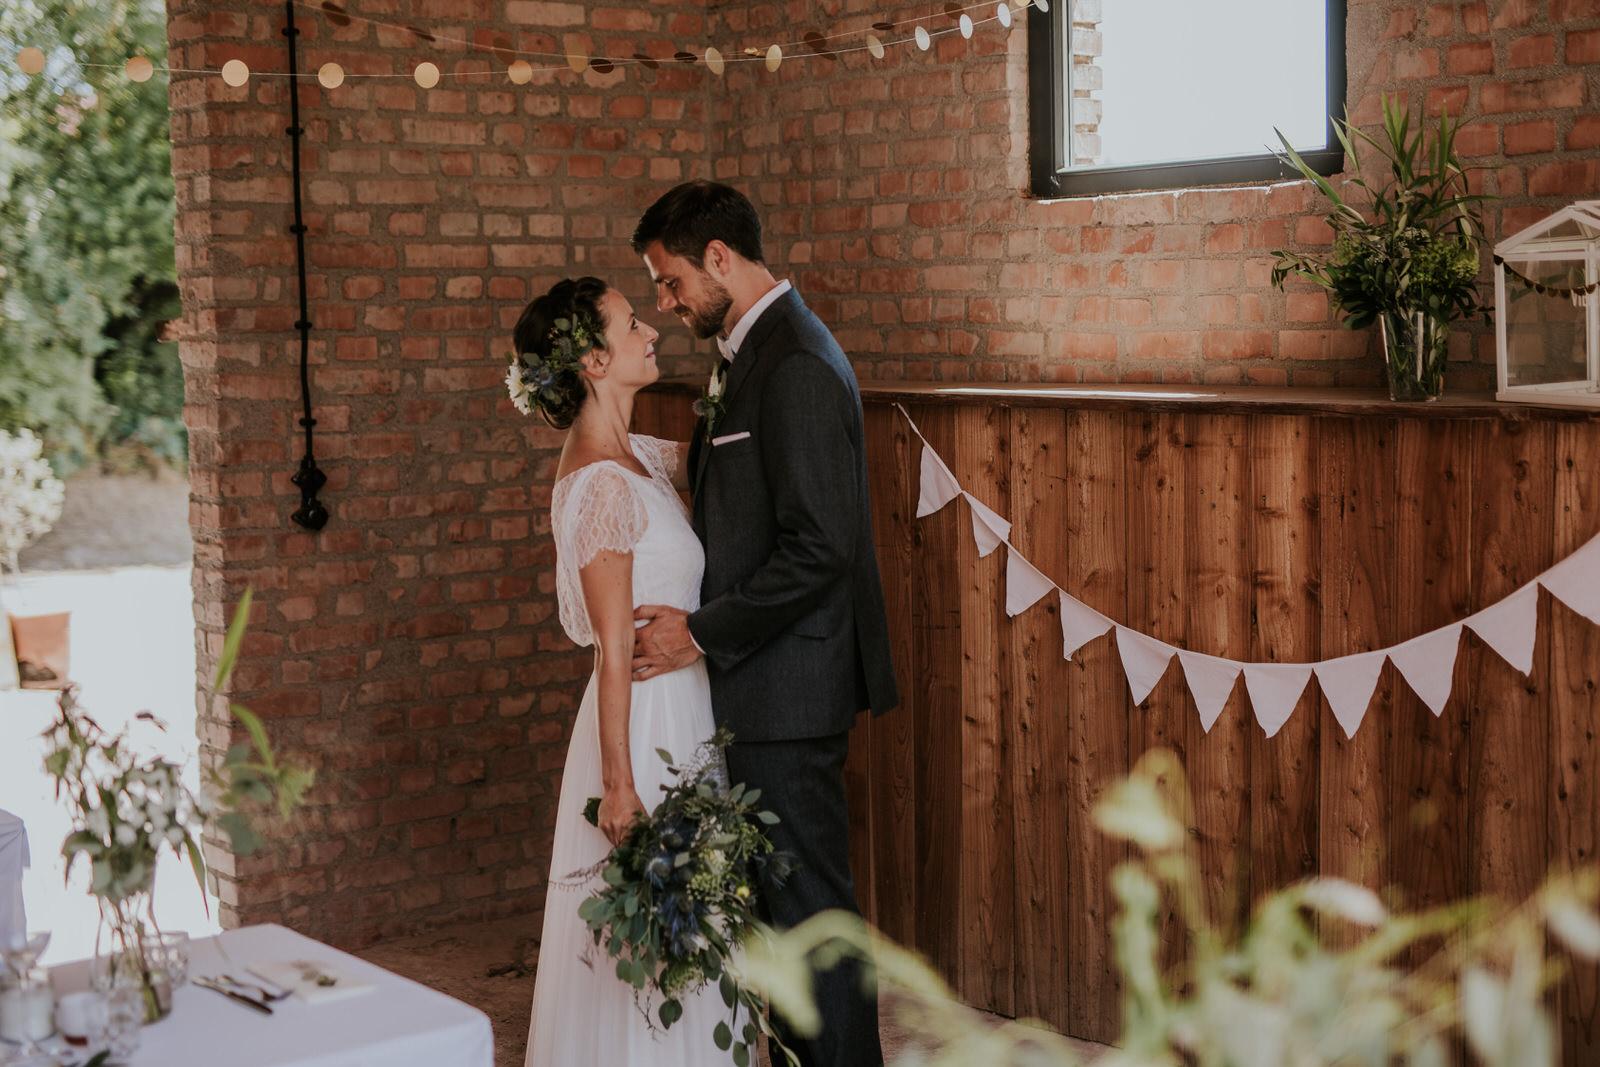 Hochzeit-Augenschmaus-und Gaumenfreuden-Hochzeitsfotograf-197